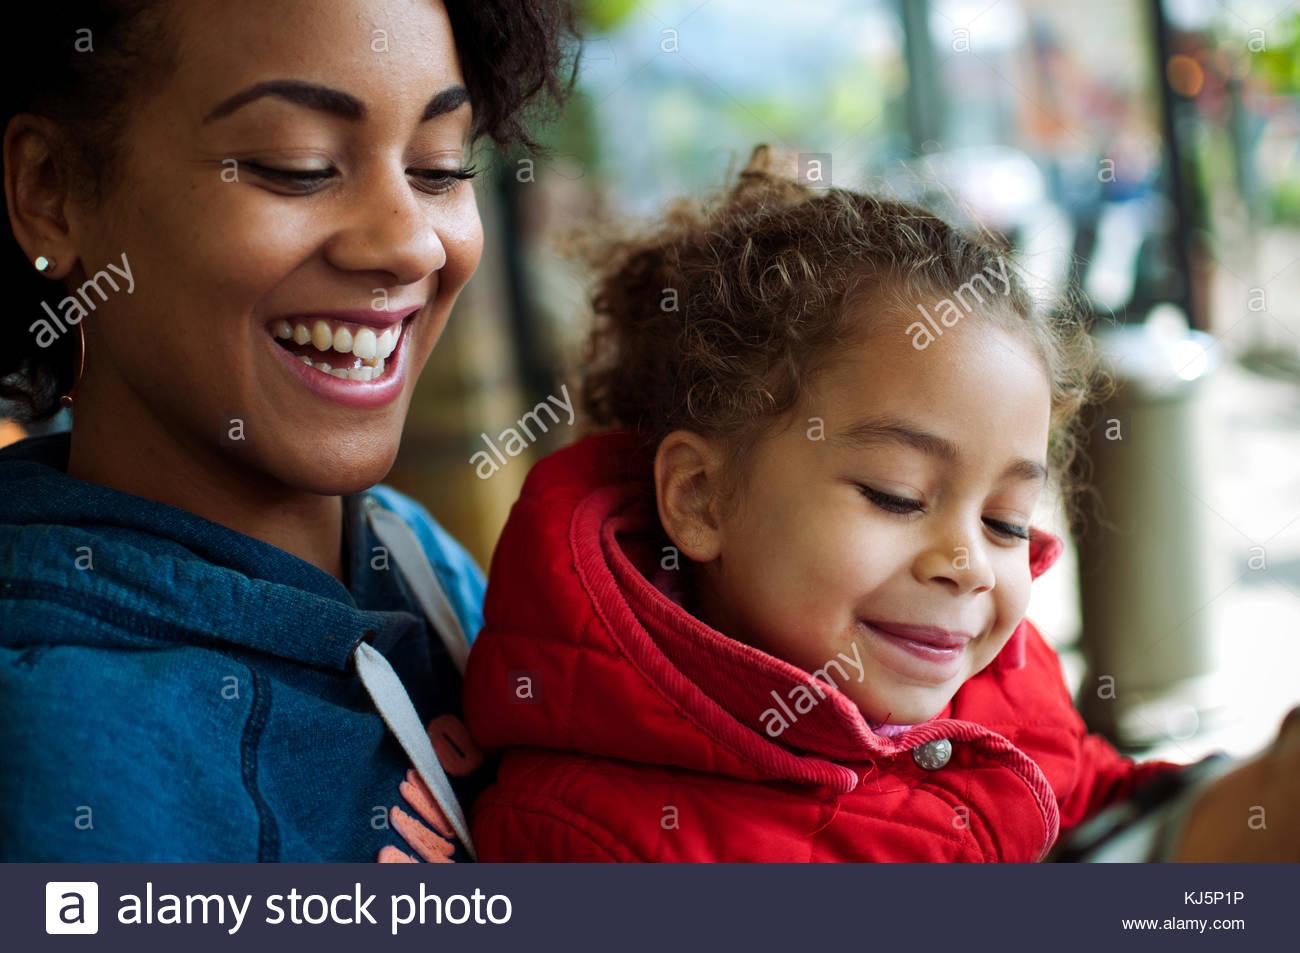 Mère et fille smiling close-up Photo Stock